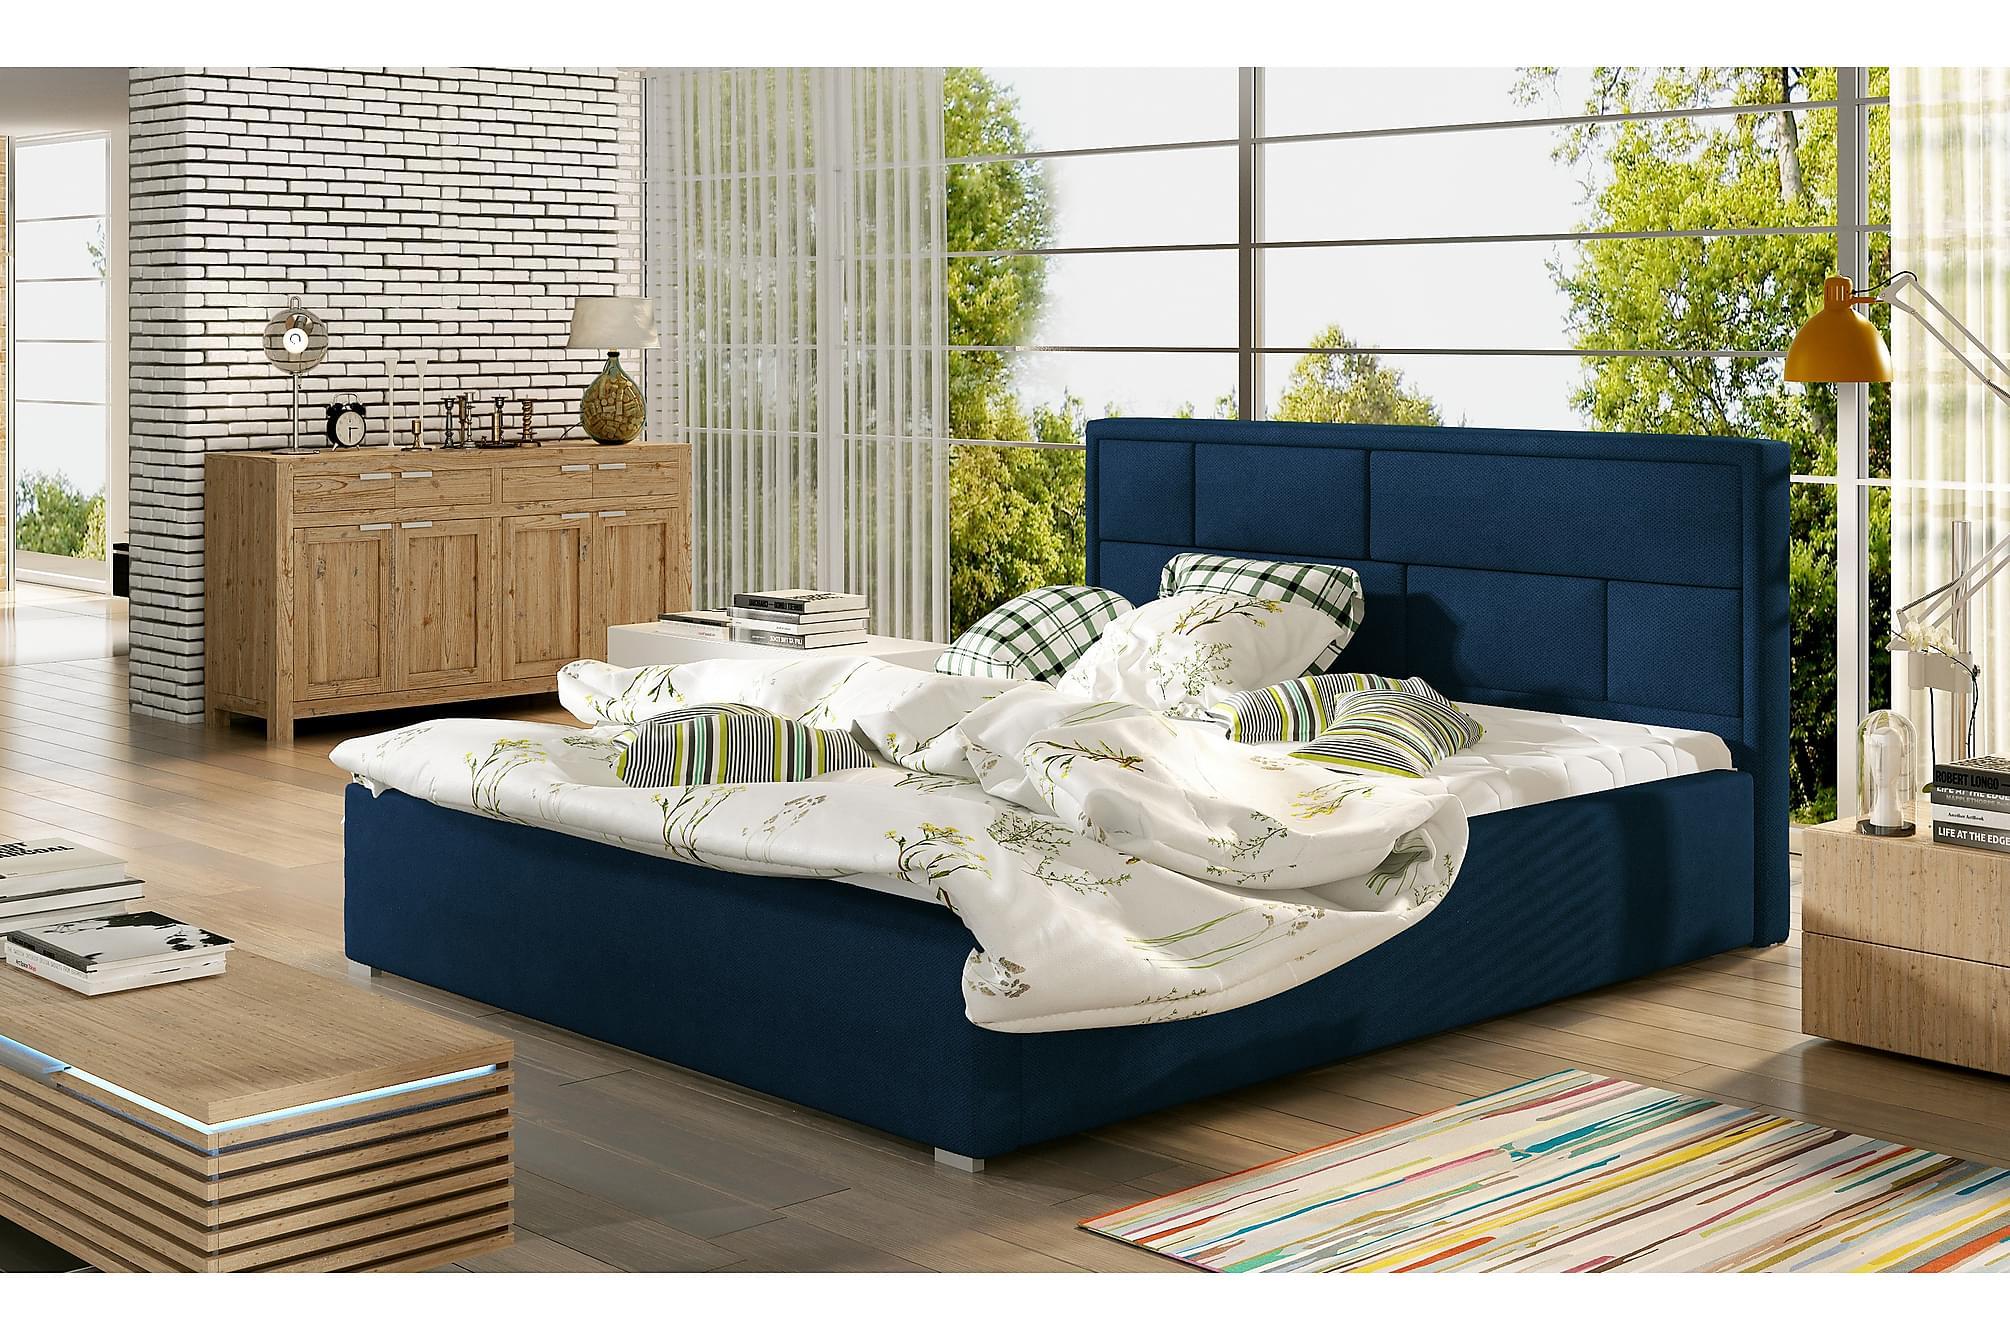 AGULLANA Sängram 180x200 cm Blå, Sängram & sängstomme